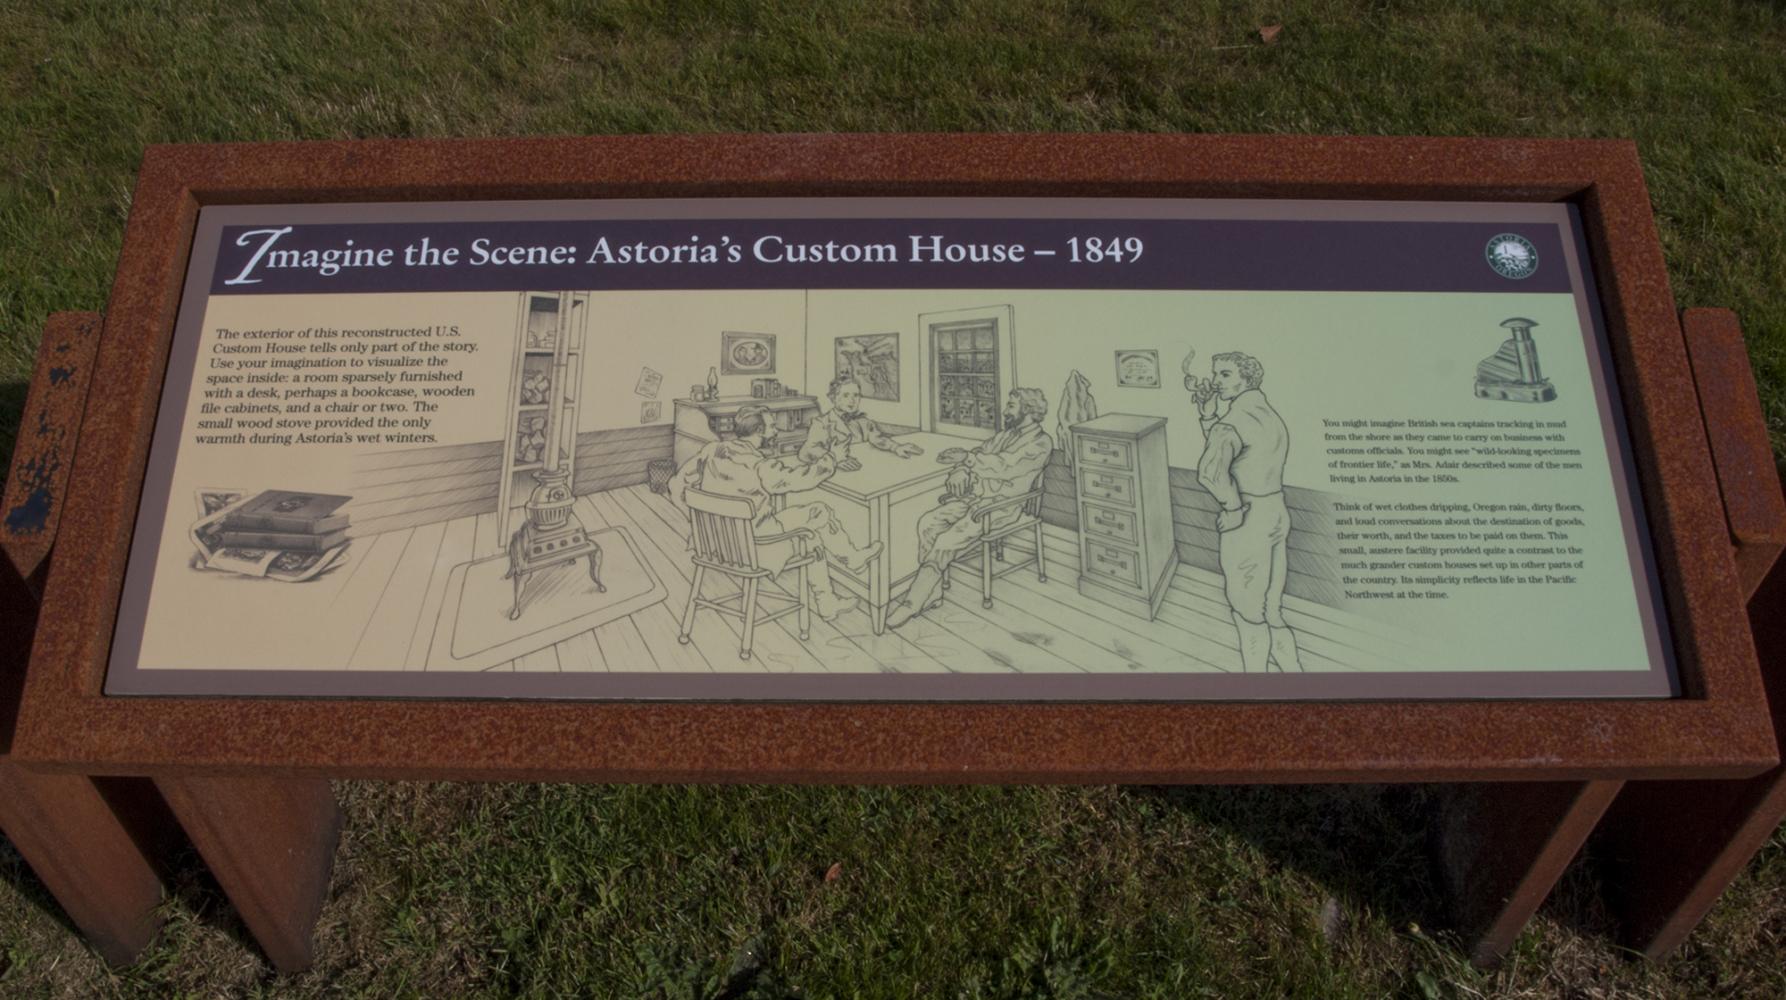 Astoria Custom House - Exhibit Panel 2